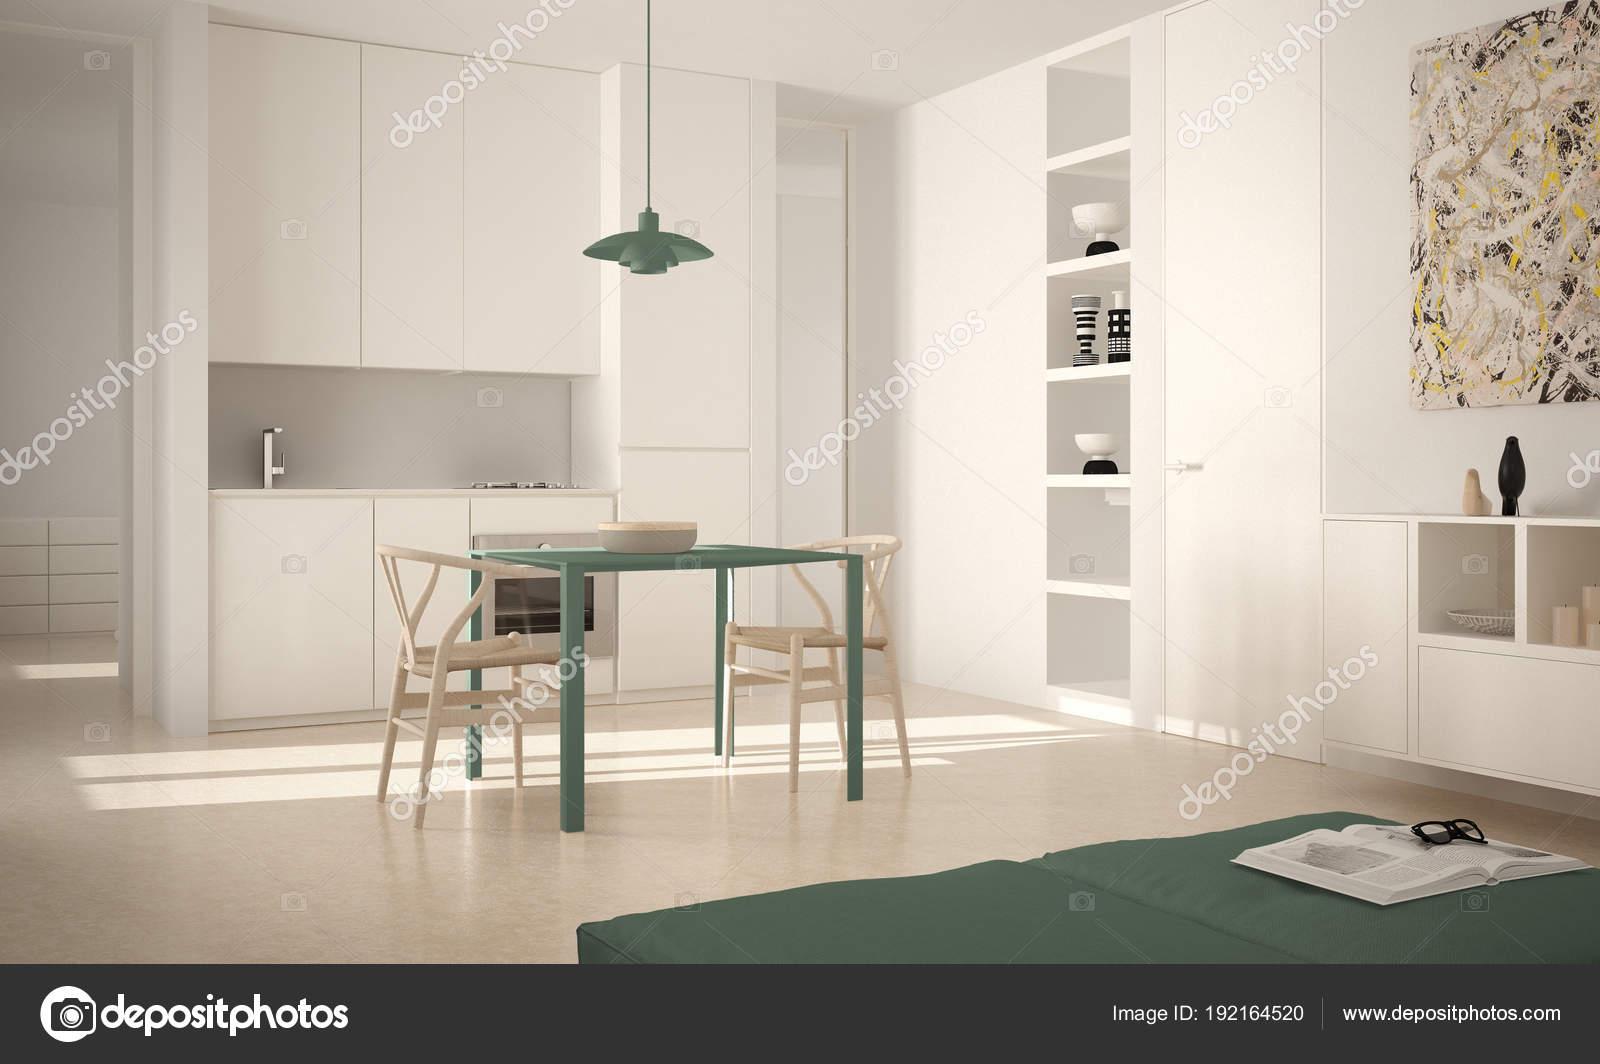 Cocina luminosa moderno minimalista con mesa de comedor y sillas ...